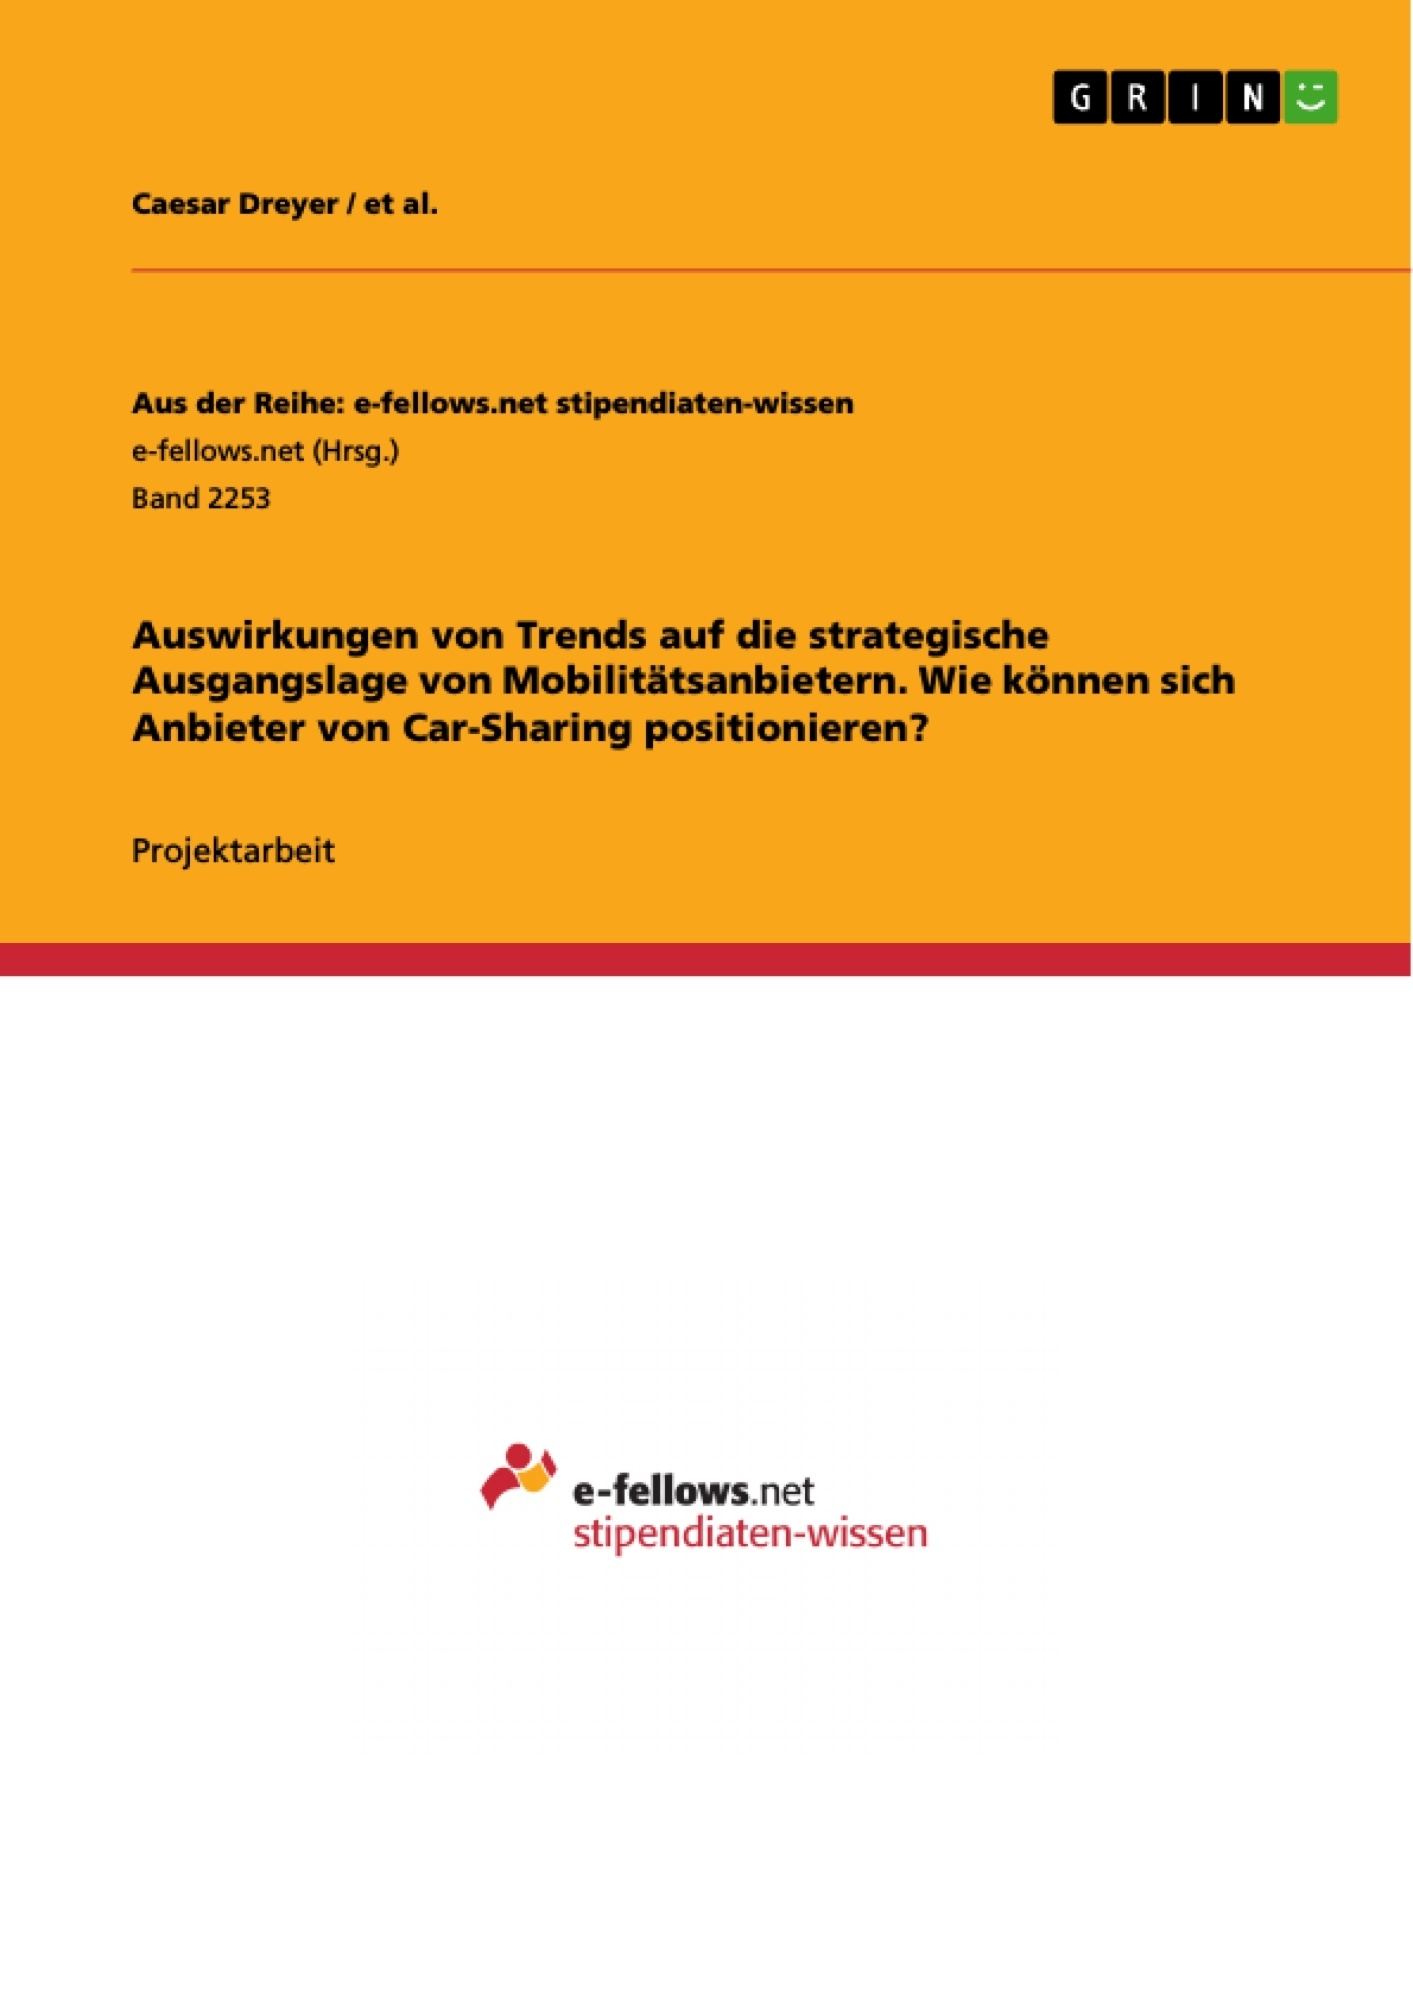 Titel: Auswirkungen von Trends auf die strategische Ausgangslage von Mobilitätsanbietern.  Wie können sich Anbieter von Car-Sharing positionieren?